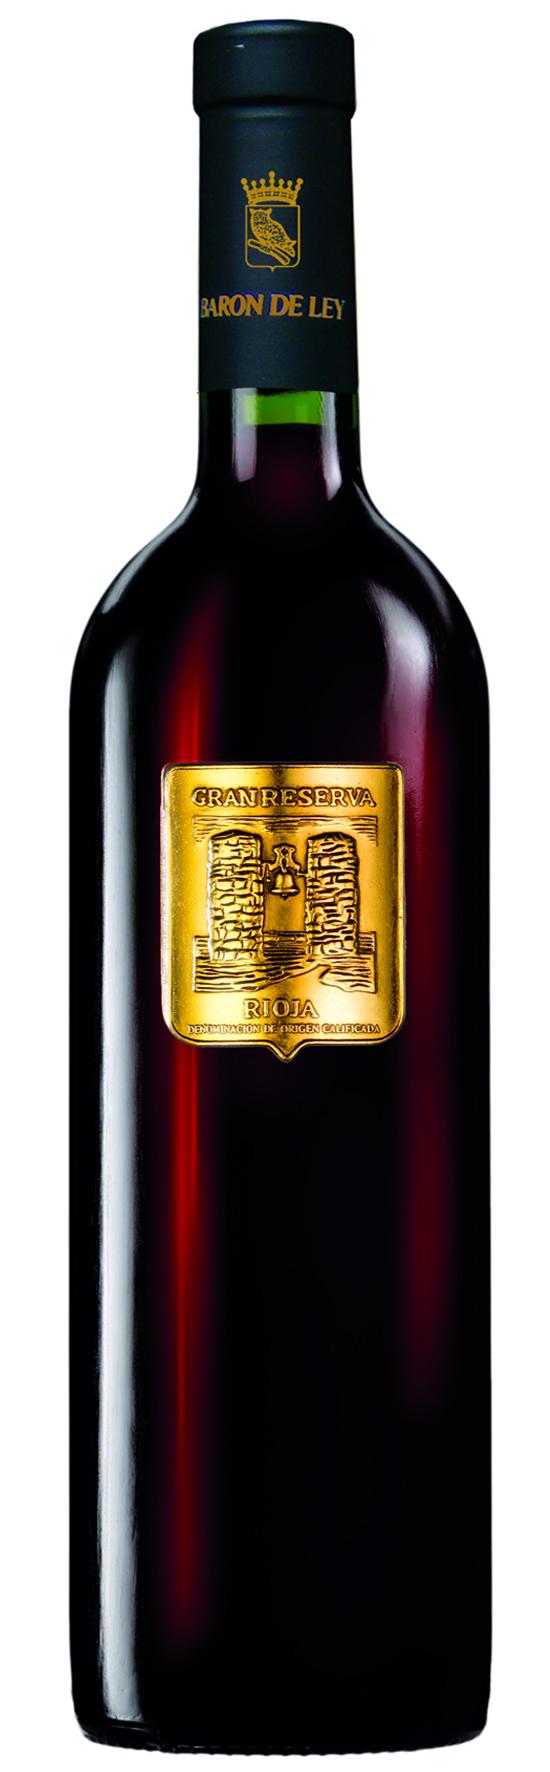 2010 Gran Reserva Vina Imas Gold Edition Baron de Ley